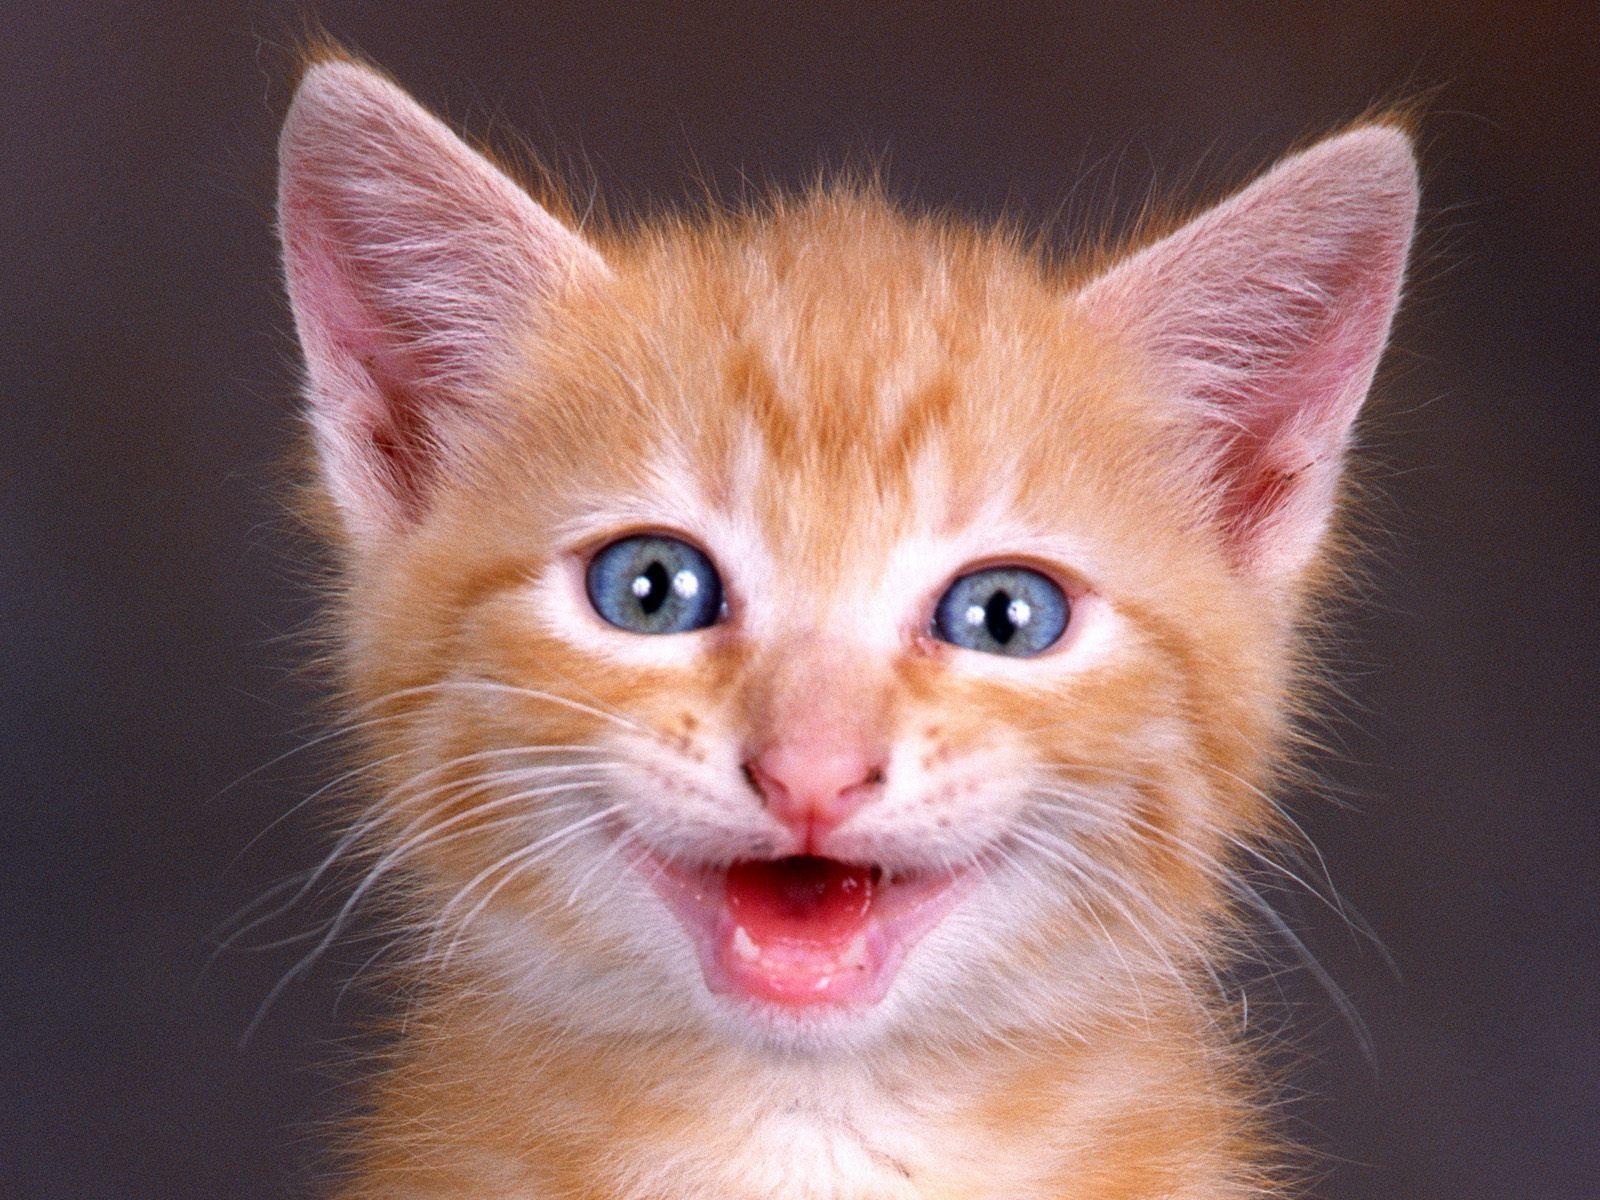 بالصور الصور المضحكة الجديدة , صور حيوانات كوميدية جدا 4484 6